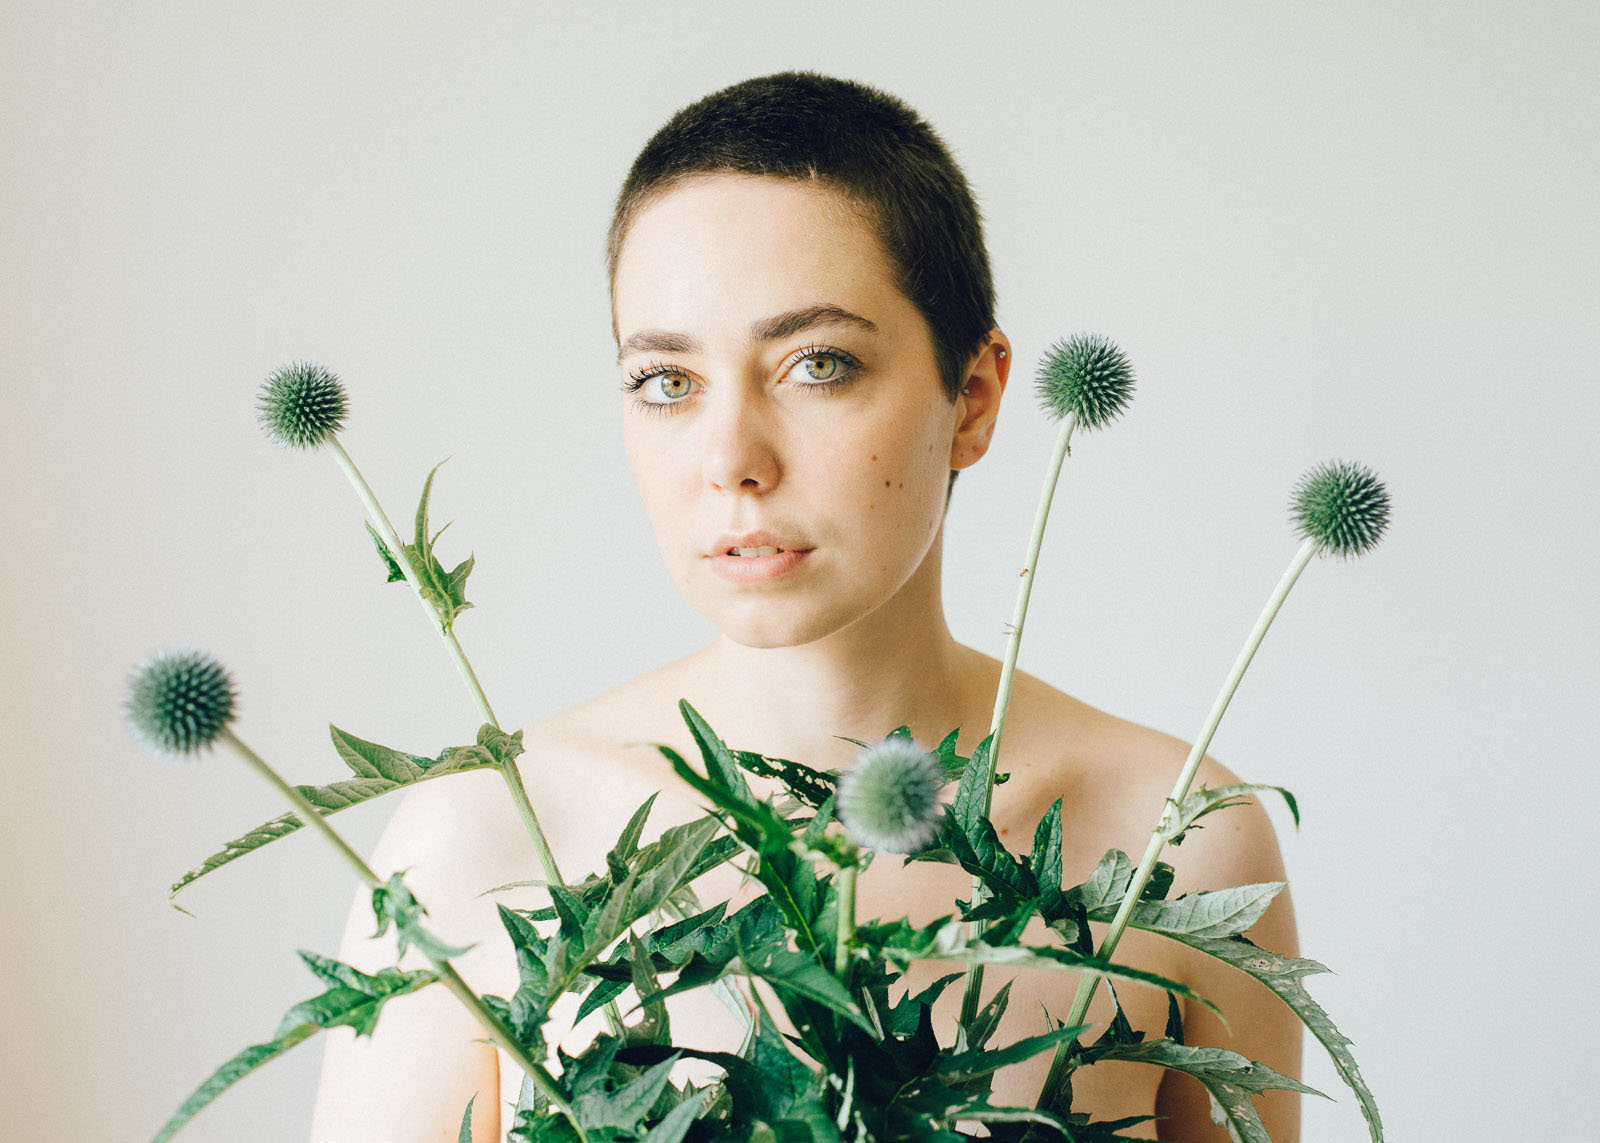 Portrait einer Frau namens Liv, sie trägt fünf Disteln vor sich.